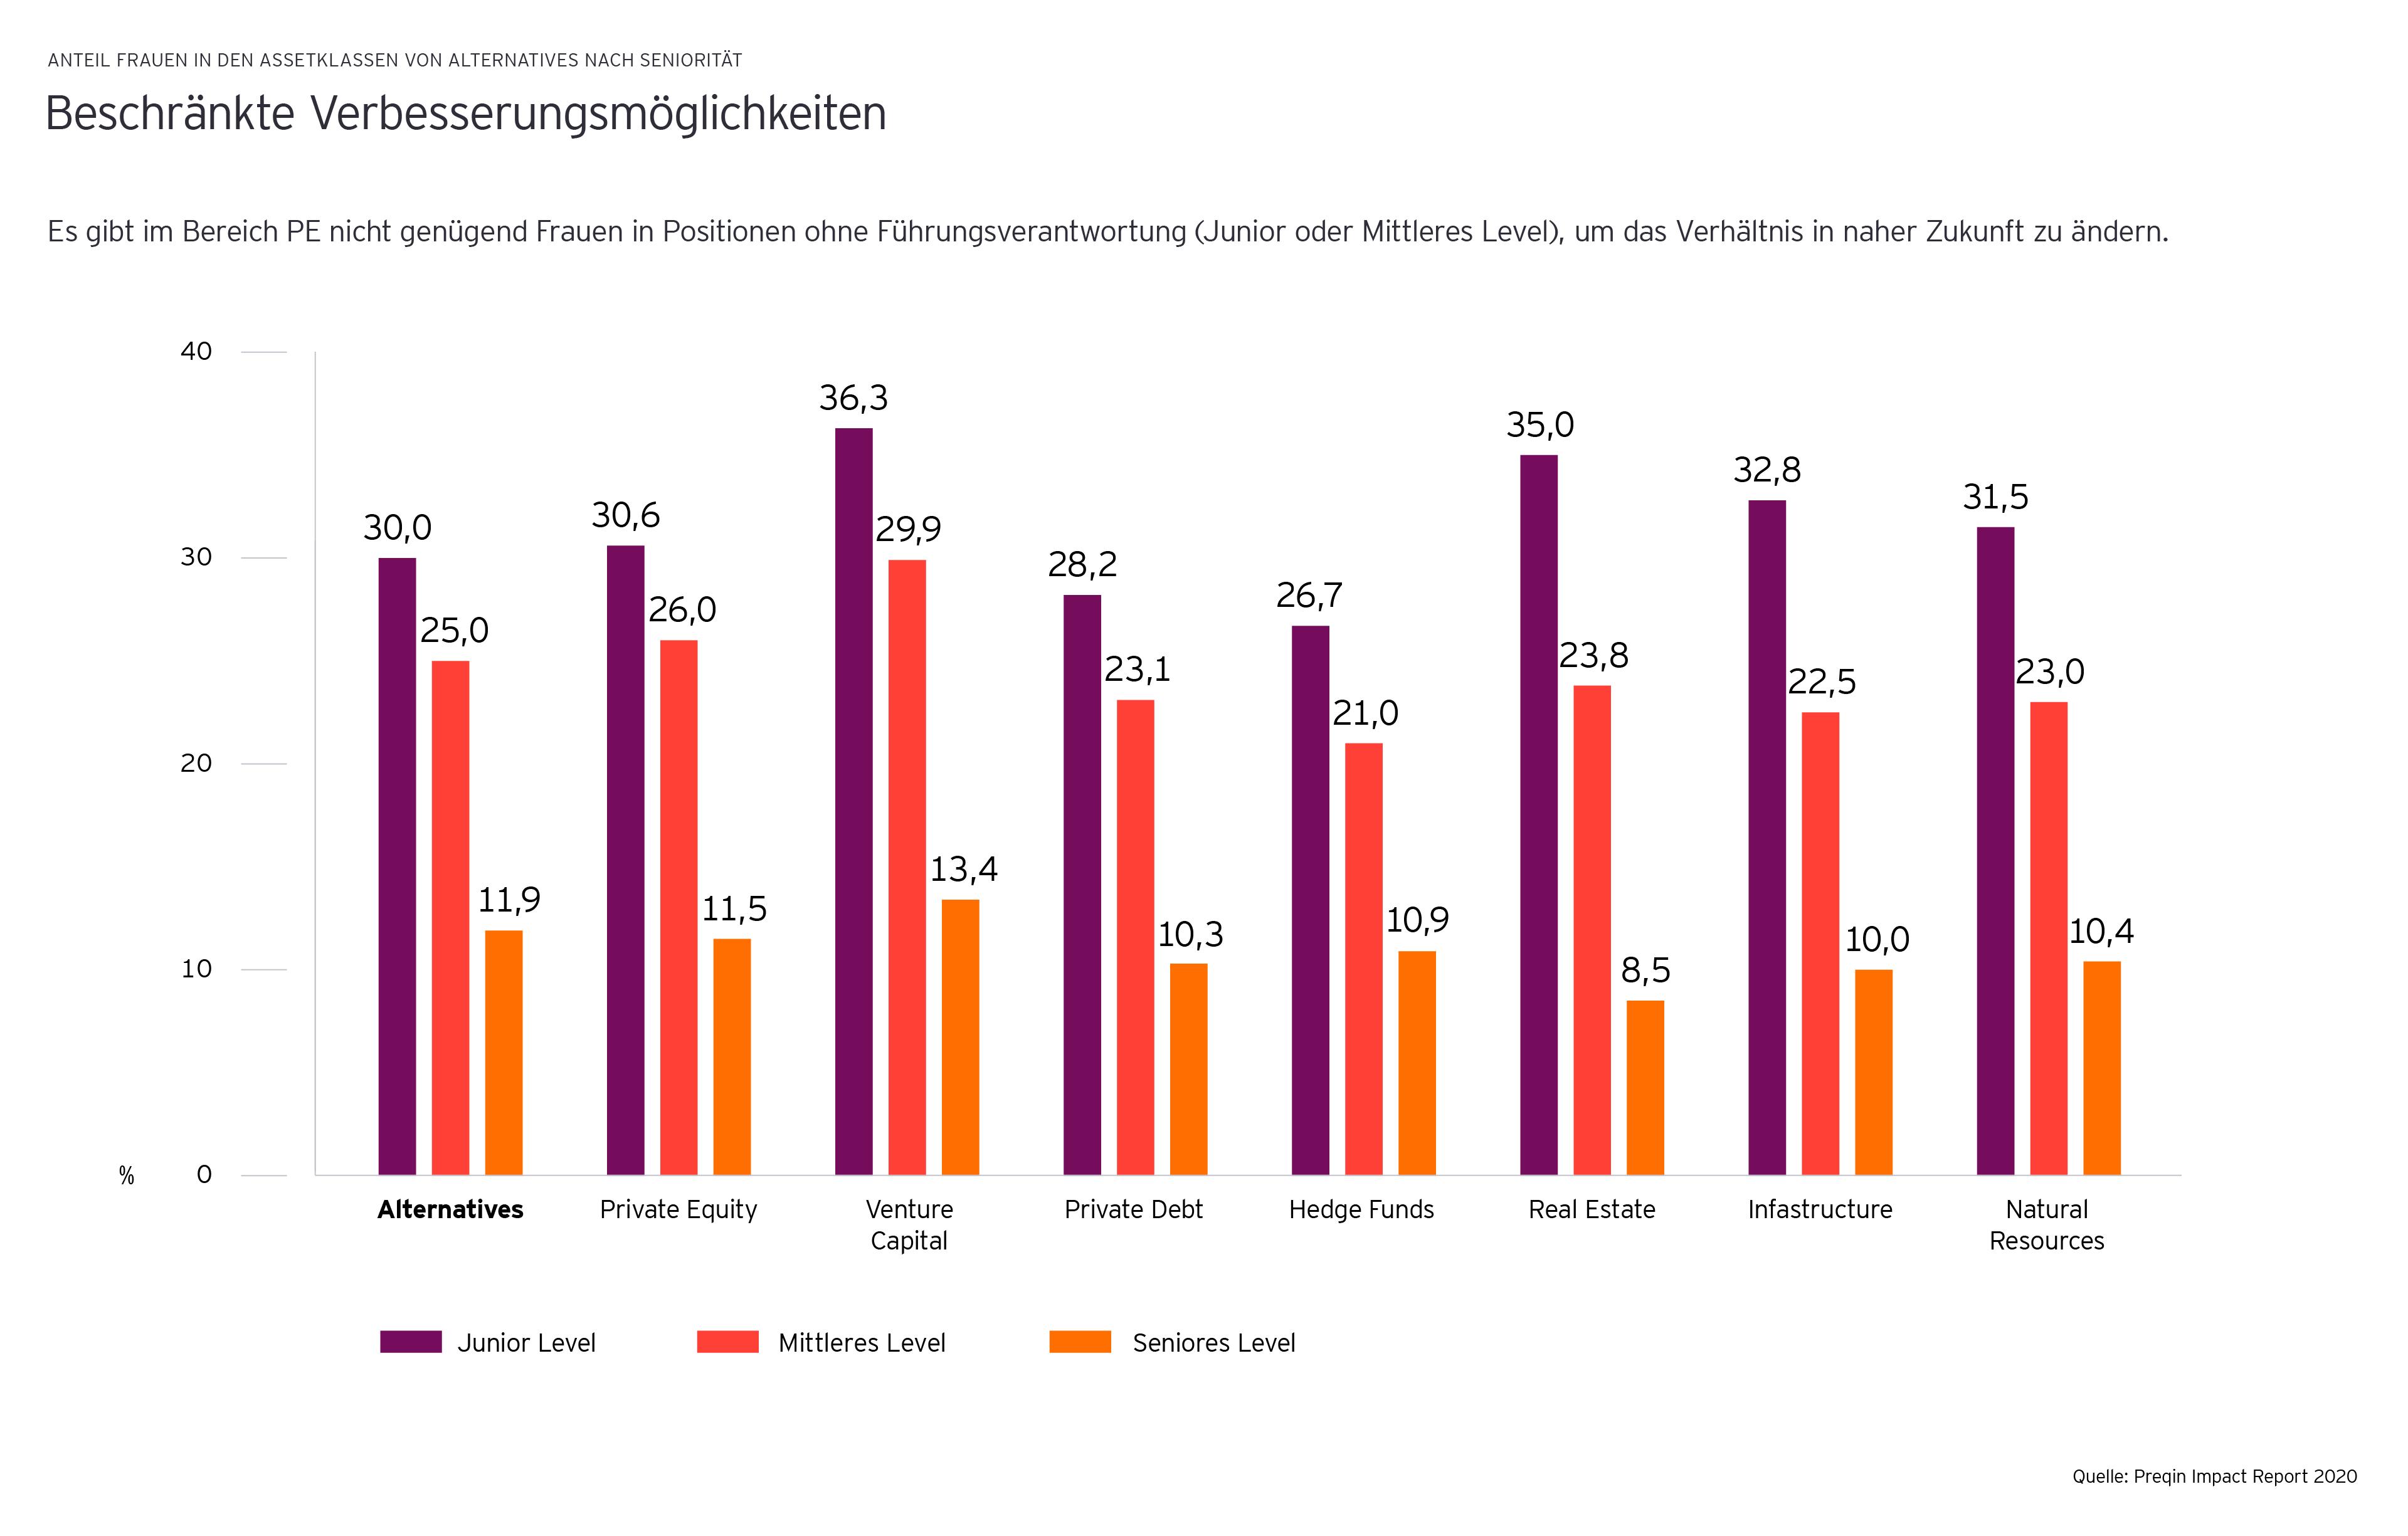 """Beschränkte Verbesserungsmöglichkeiten: Es gibt im Bereich PE nicht genügend Frauen in Positionen ohne Führungsverantwortung, um das Verhältnis in naher Zukunft zu ändern."""" Quelle: Preqin Impact Report 2020"""